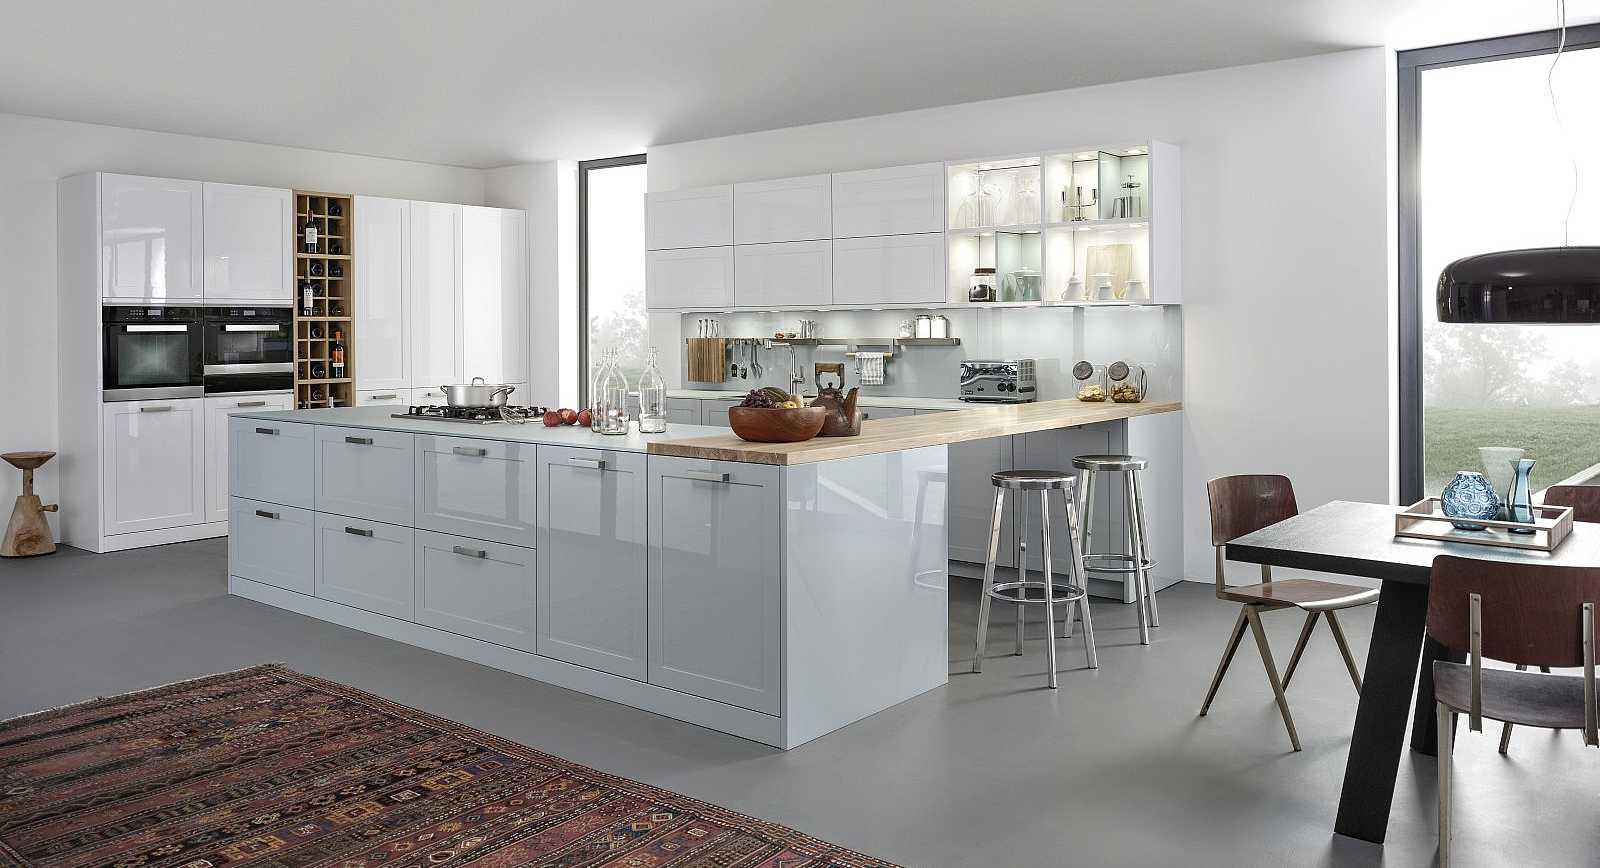 Küchen Bonn leicht küchen bonn köln küchen galerie bonn